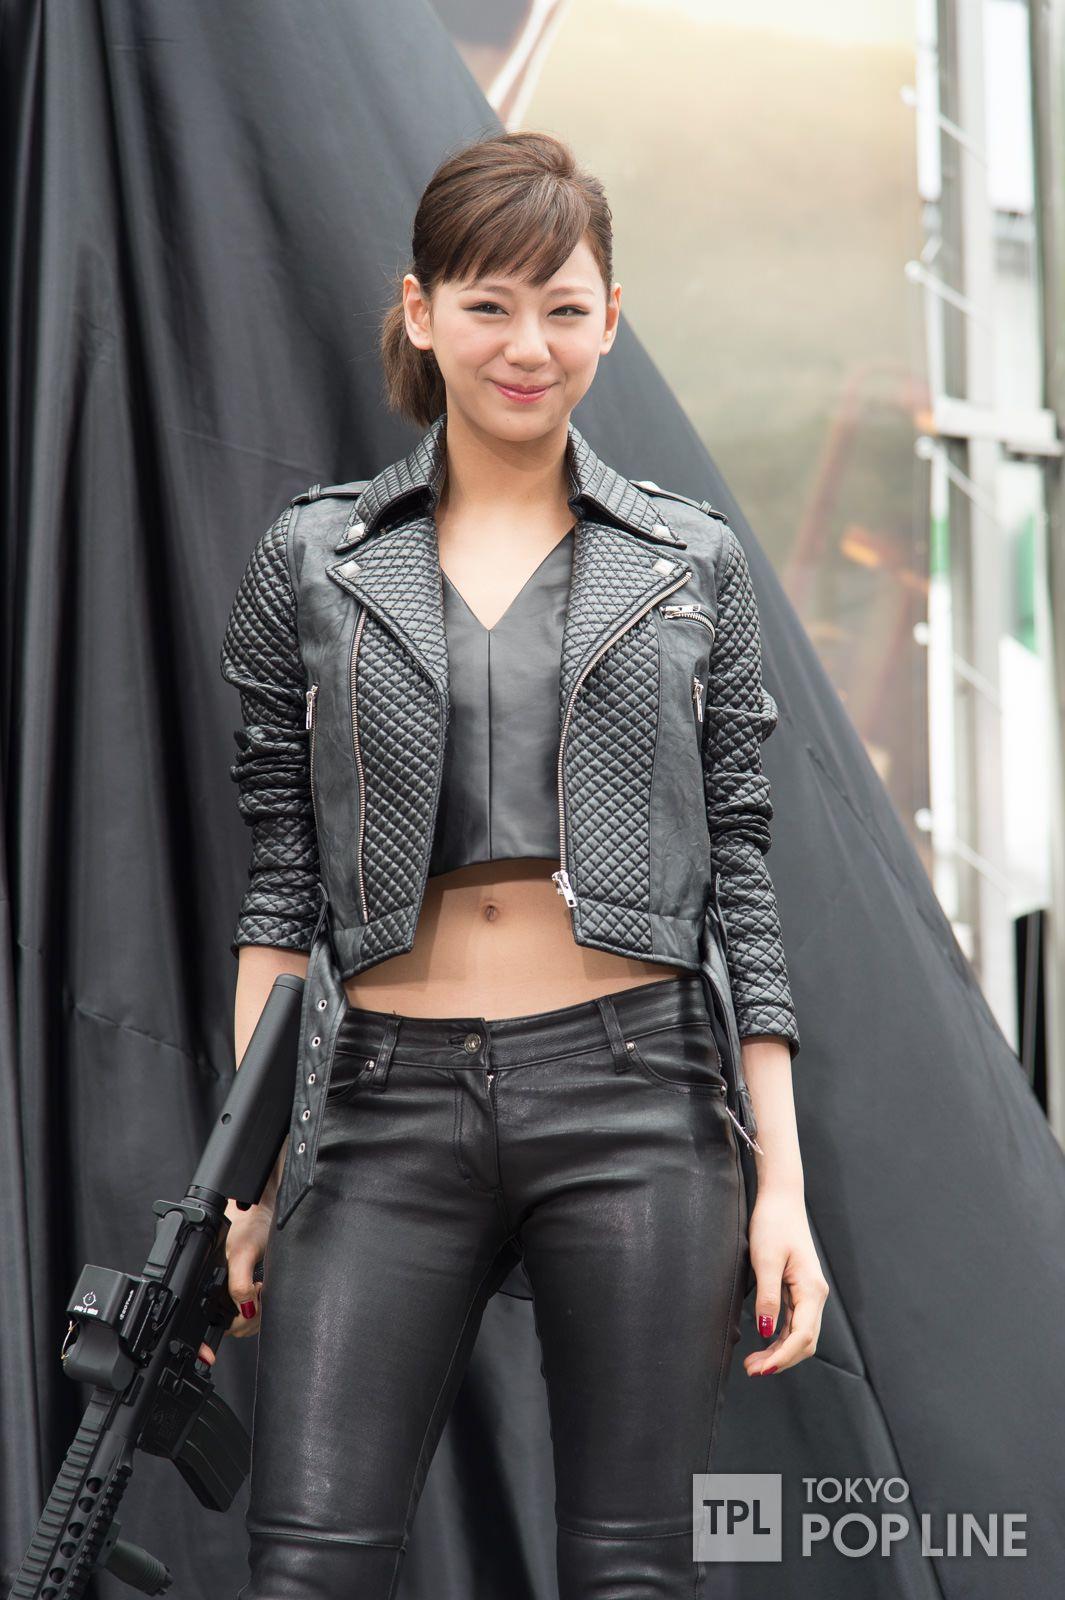 Nishiuchi mariya dating website